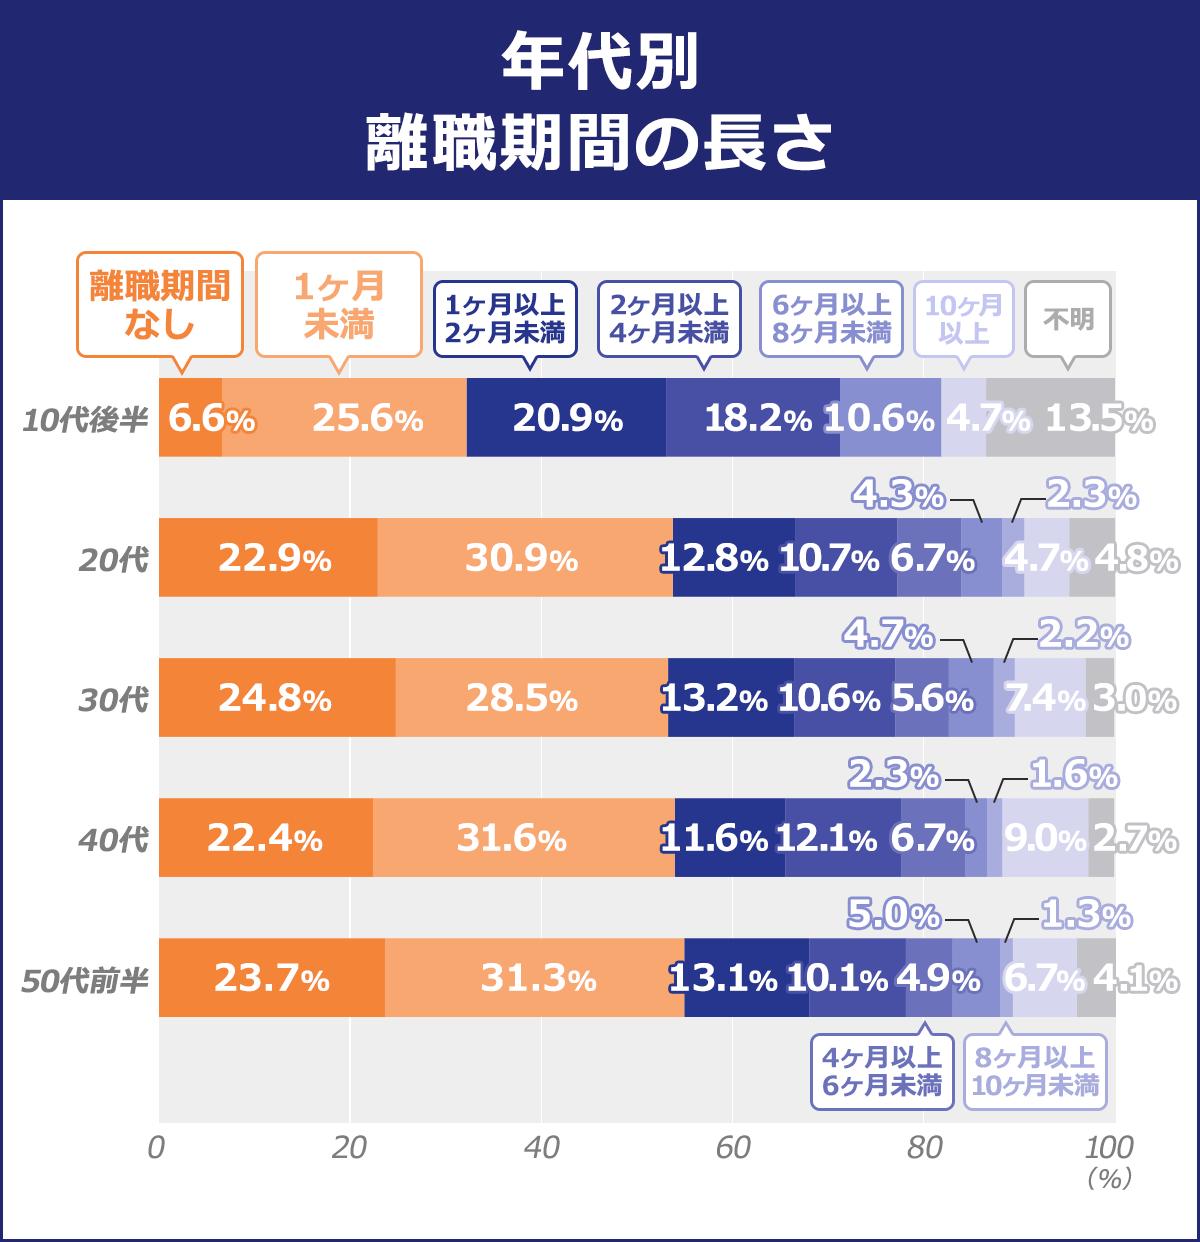 【年代別 離職期間の長さ】(離職期間なし/1ヶ月未満/1ヶ月以上2ヶ月未満/2ヶ月以上4ヶ月未満/4ヶ月以上ヶ6月未満/6ヶ月以上8ヶ月未満/8ヶ月以上10ヶ月未満/10ヶ月以上/不明): 50代前半/23.70%/31.30%/13.10%/10.10%/4.90%/5%/1.30%/6.70%/4.10% |40代/22.40%/31.60%/11.60%/12.10%/6.70%/2.30%/1.60%/9%/2.70% |30代/24.80%/28.50%/13.20%/10.60%/5.60%/4.70%/2.20%/7.40%/3% |20代/22.90%/30.90%/12.80%/10.70%/6.70%/4.30%/2.30%/4.70%/4.80% |10代後半/6.60%/25.60%/20.90%/18.20%/10.60%/4.70%/13.50%